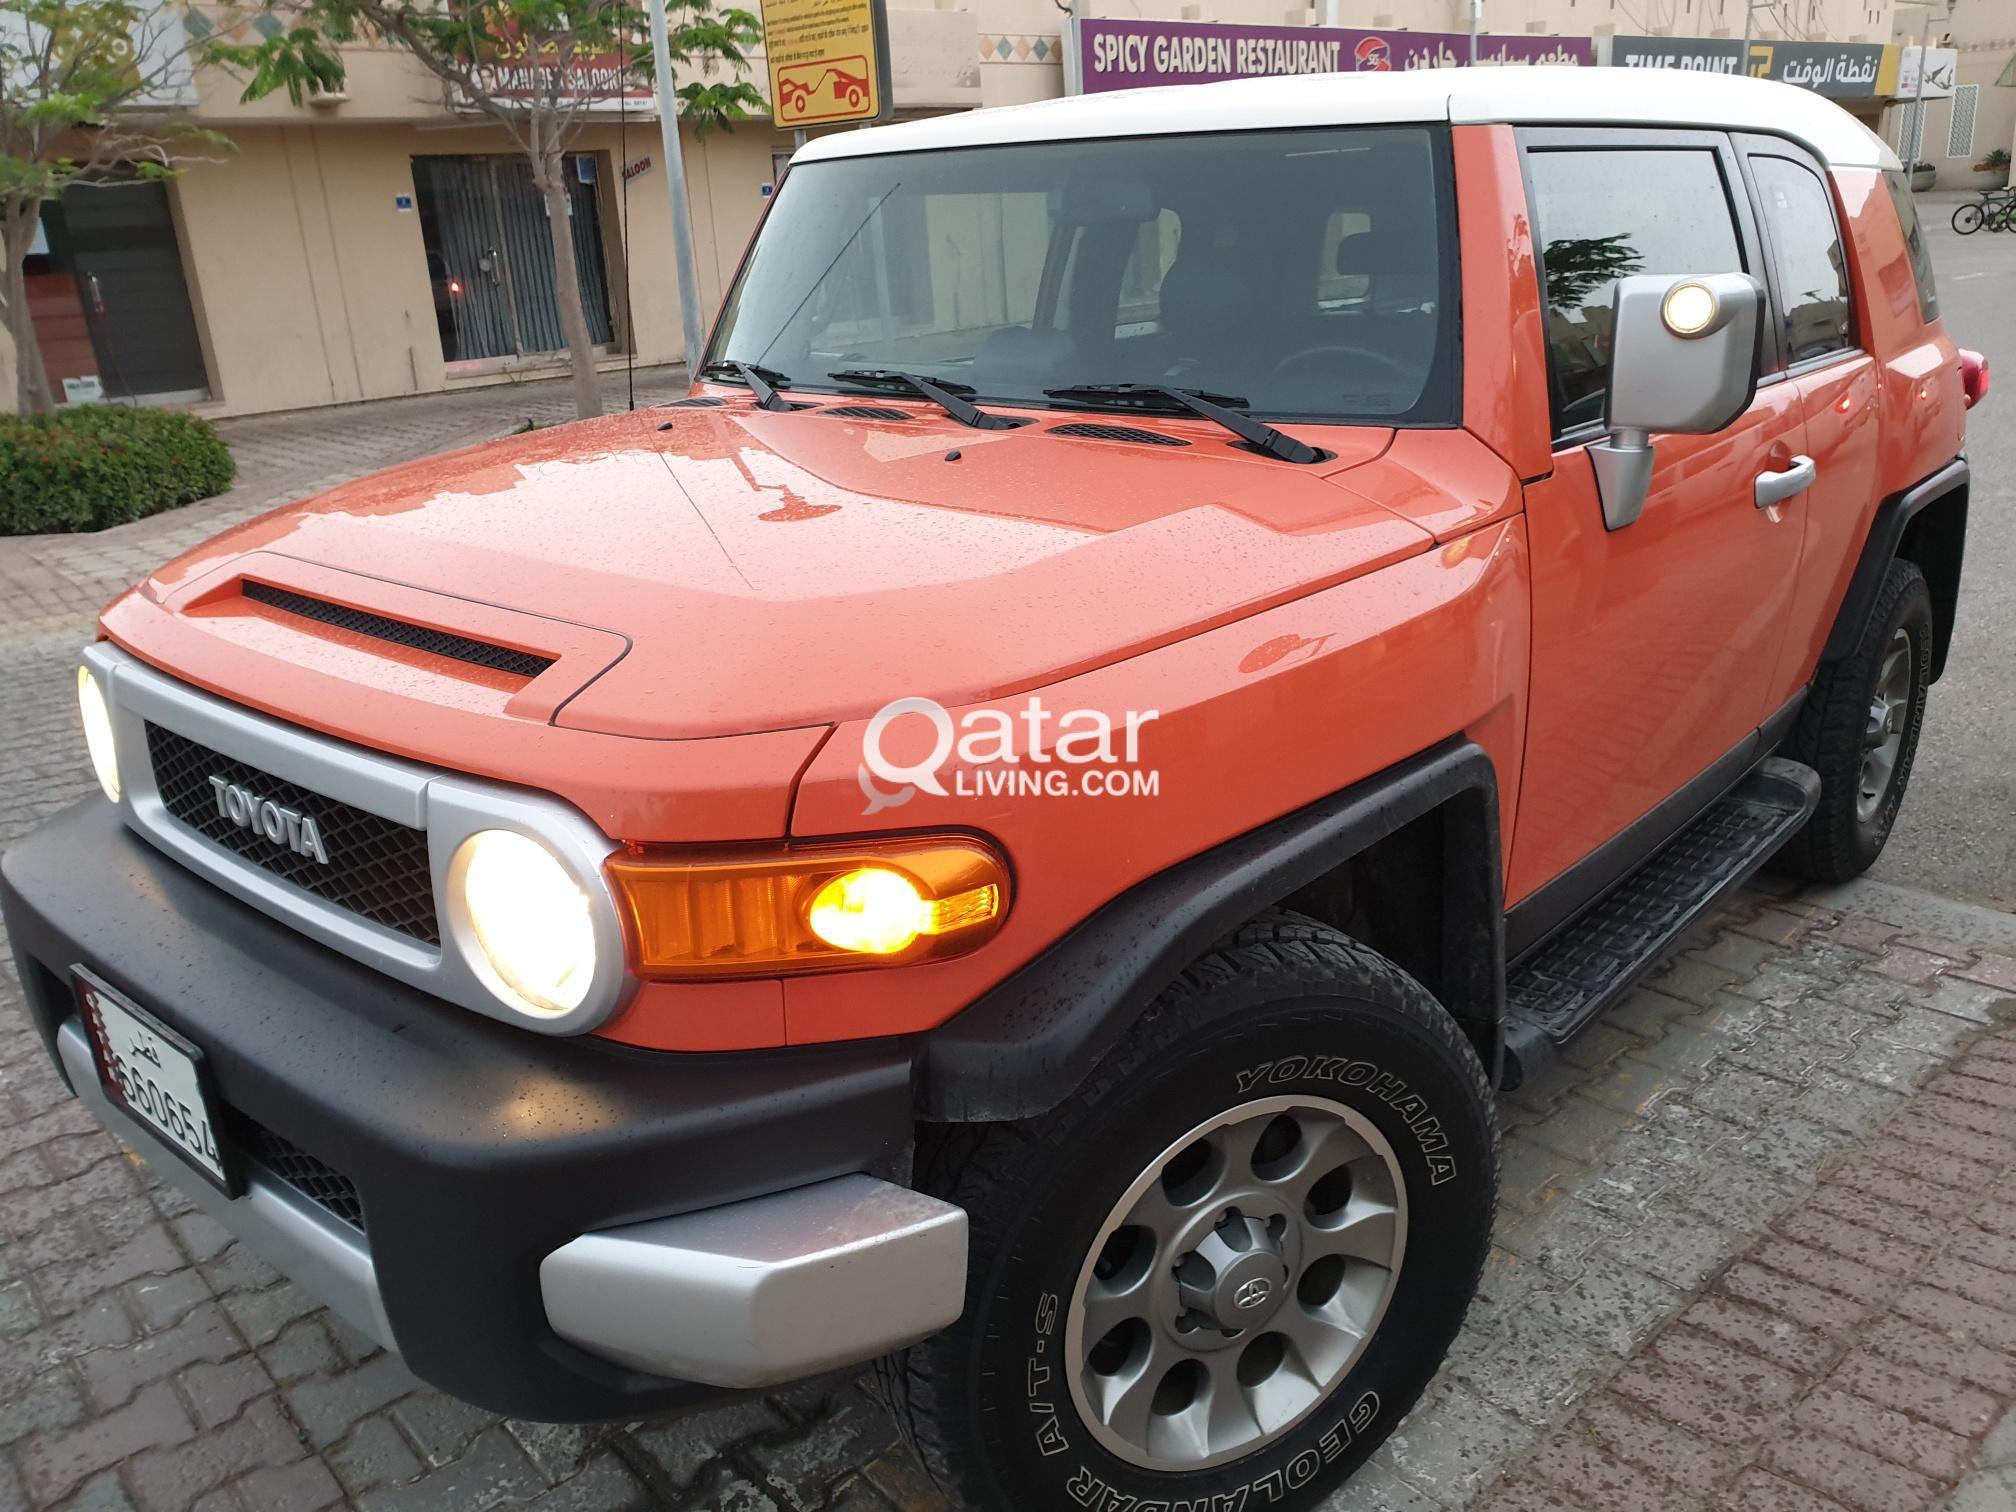 56115a6fb31cd0 Excellent FJ 2013 free accident | Qatar Living